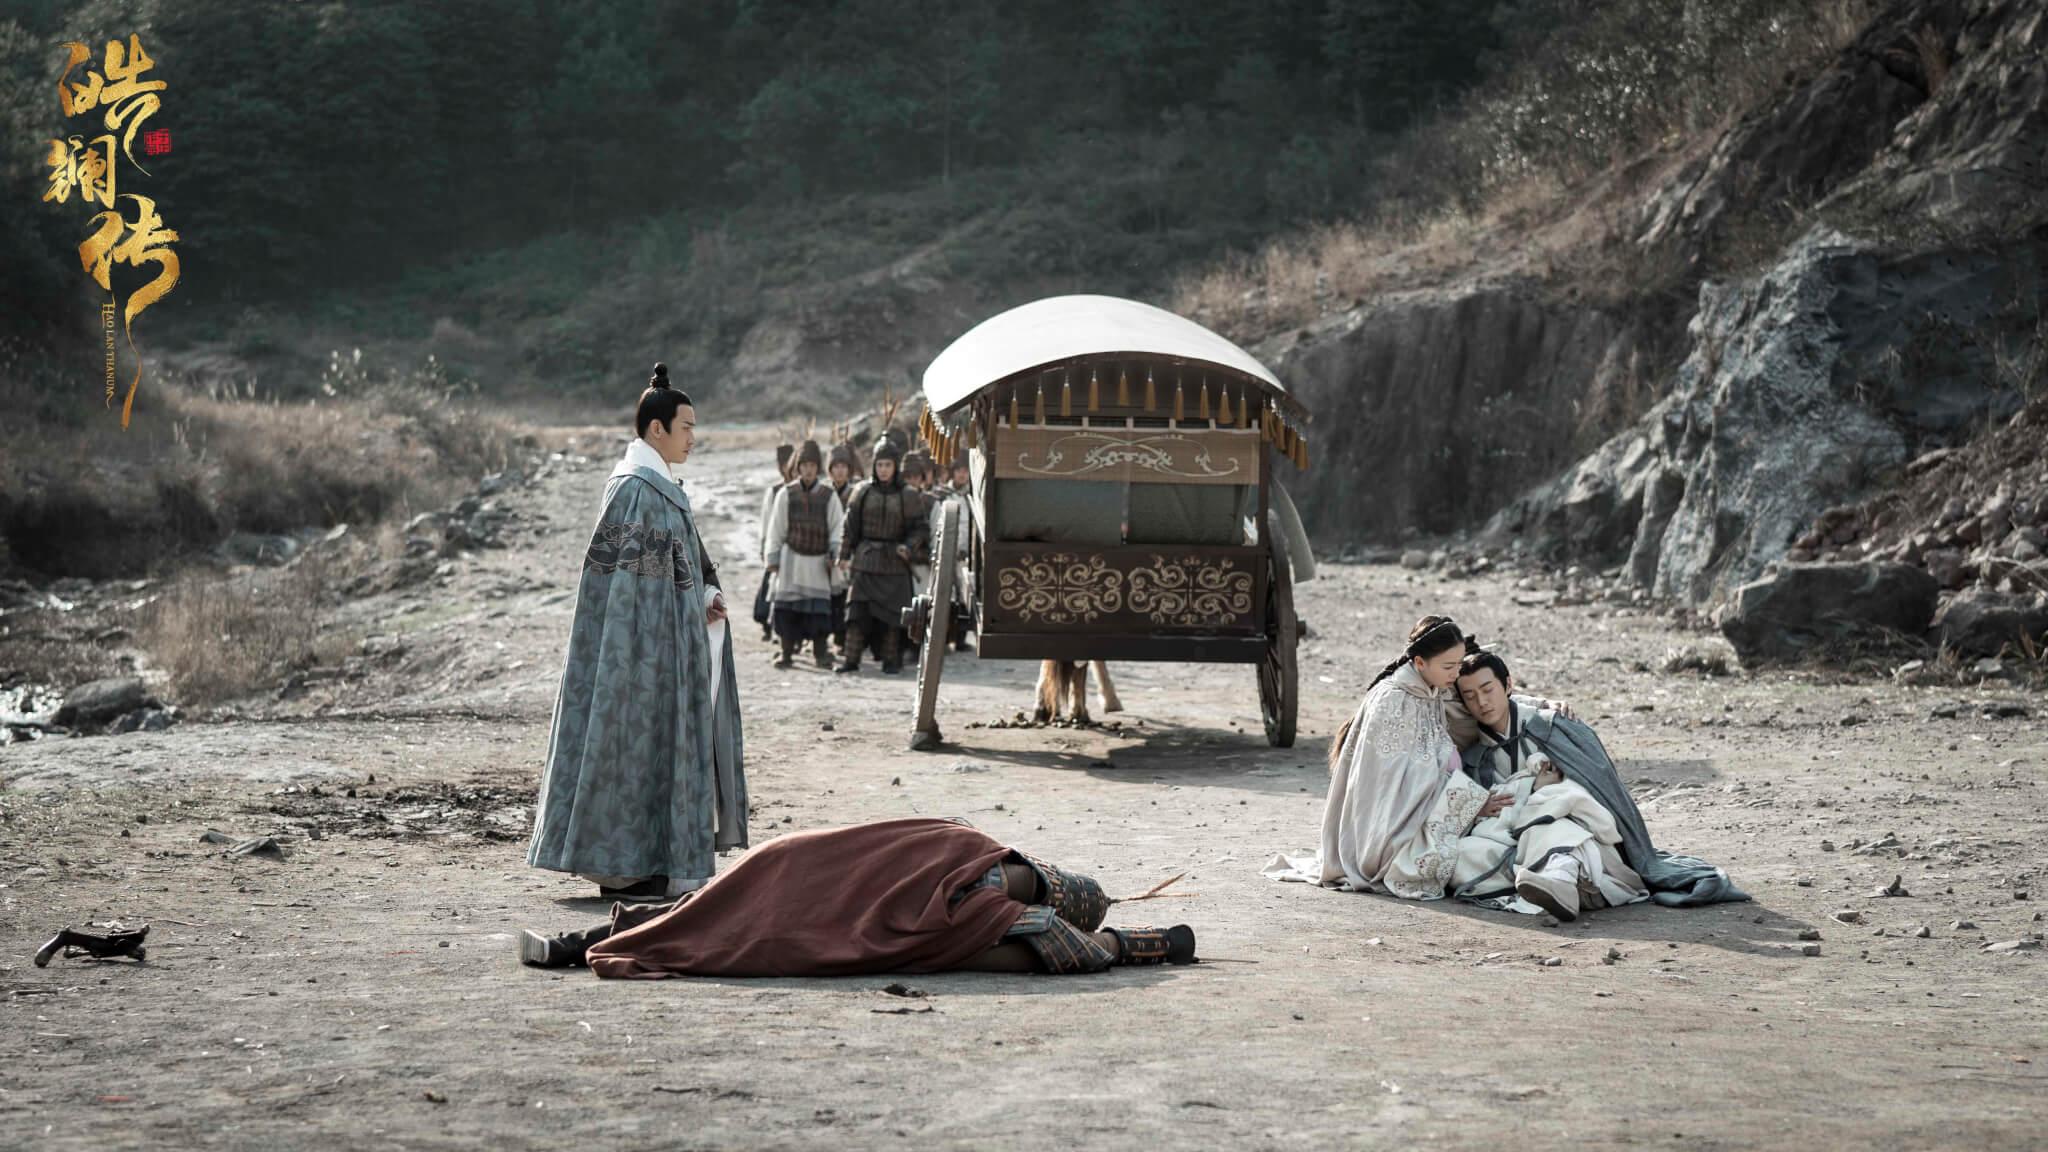 吳謹言、聶遠和茅子俊的三角關係成為劇中焦點,聶遠飾演的呂不韋由貪財慢慢對皓鑭產生感情,但最終都要讓愛給嬴異人。